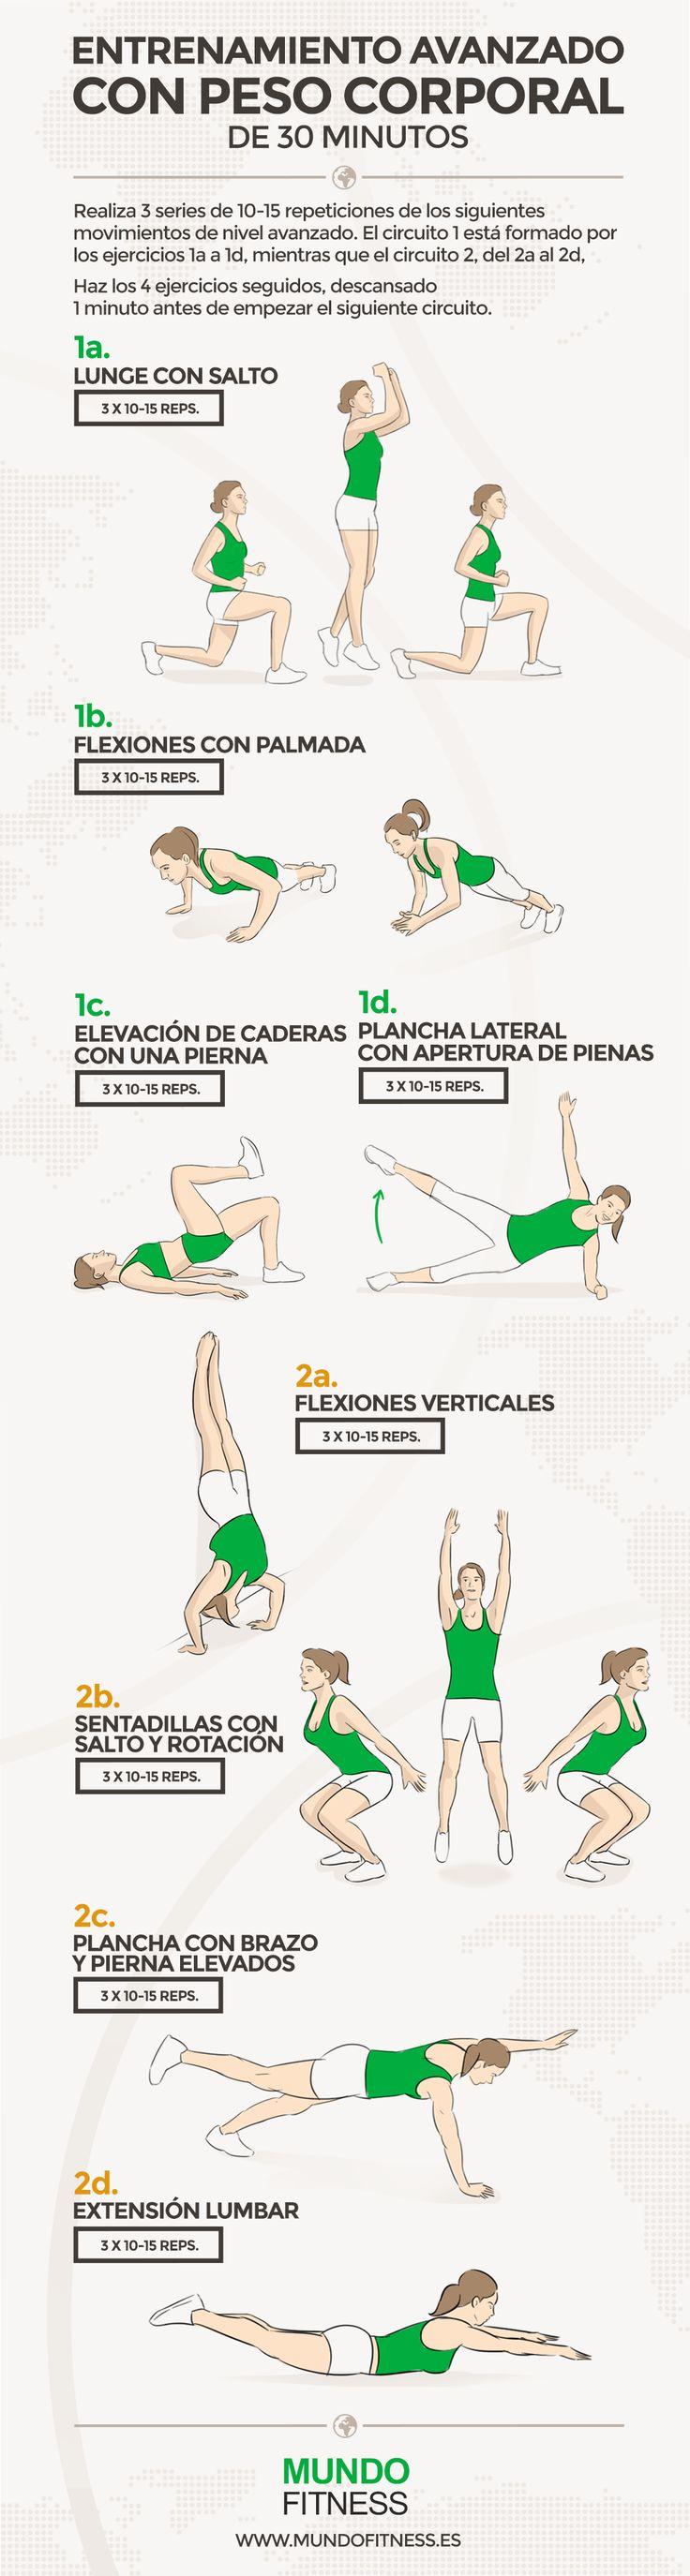 Entrenamiento avanzado de 30 minutos con peso corporal